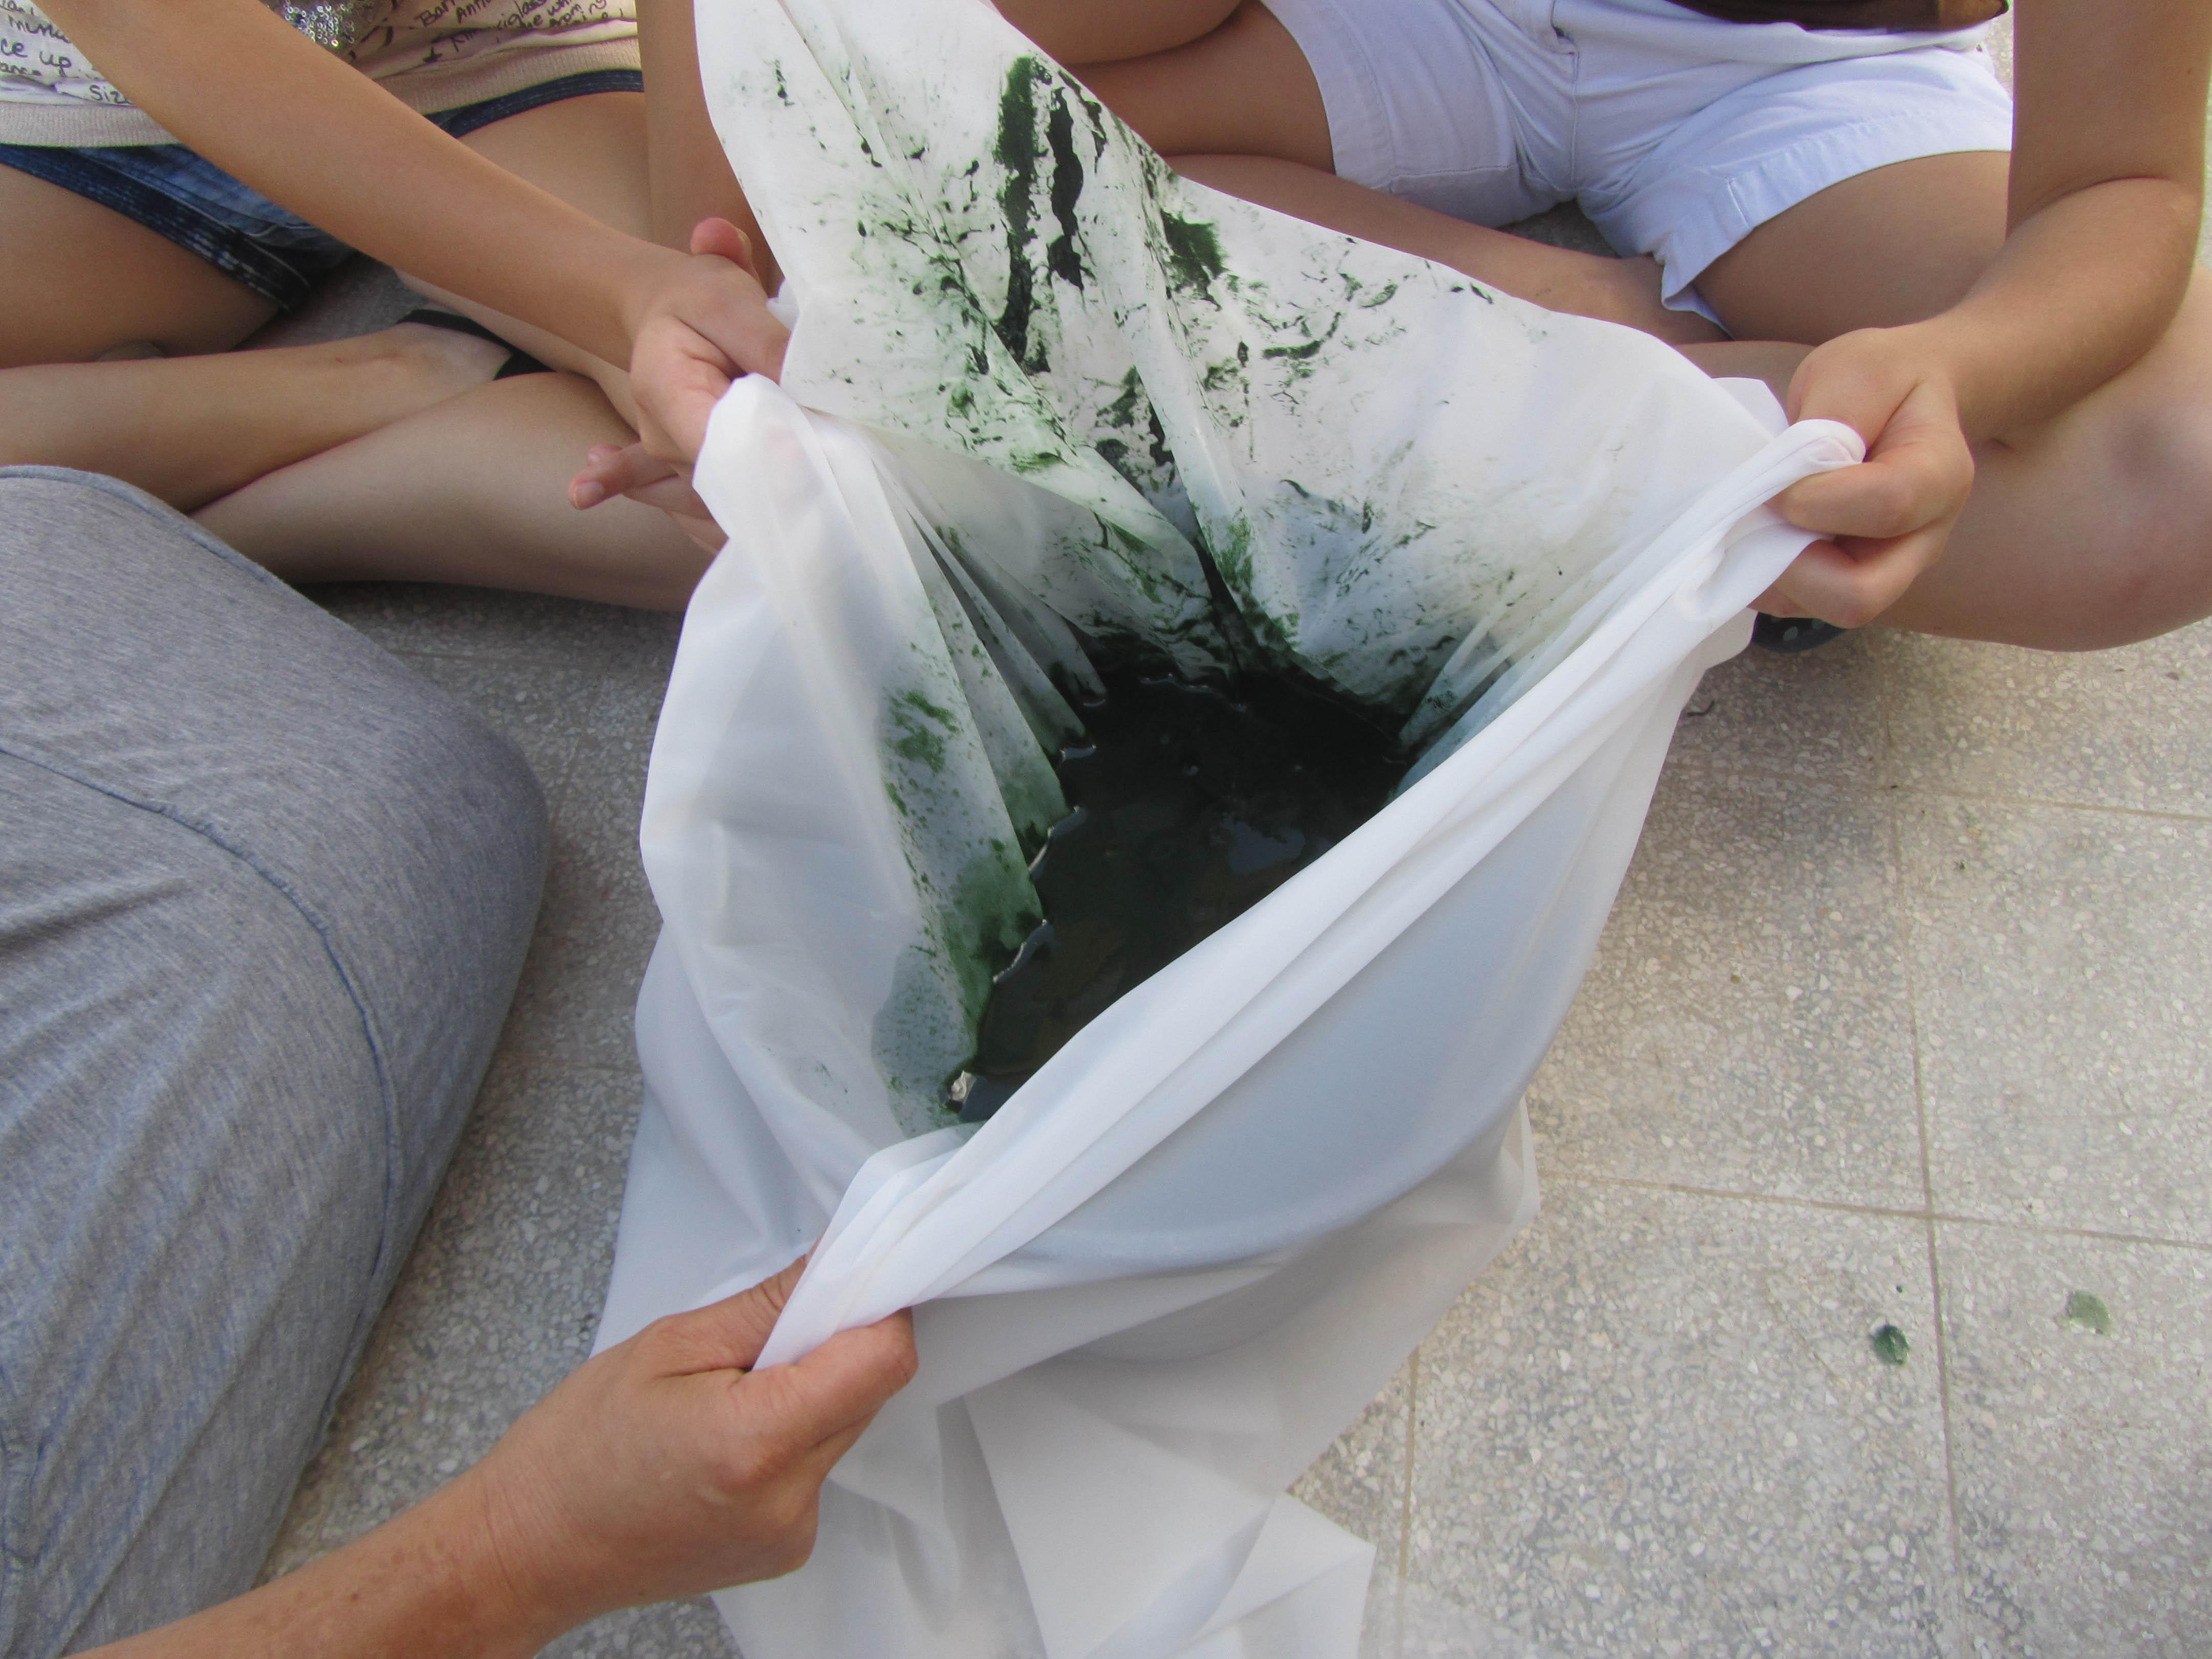 Spirulina harvesting filtering cloth